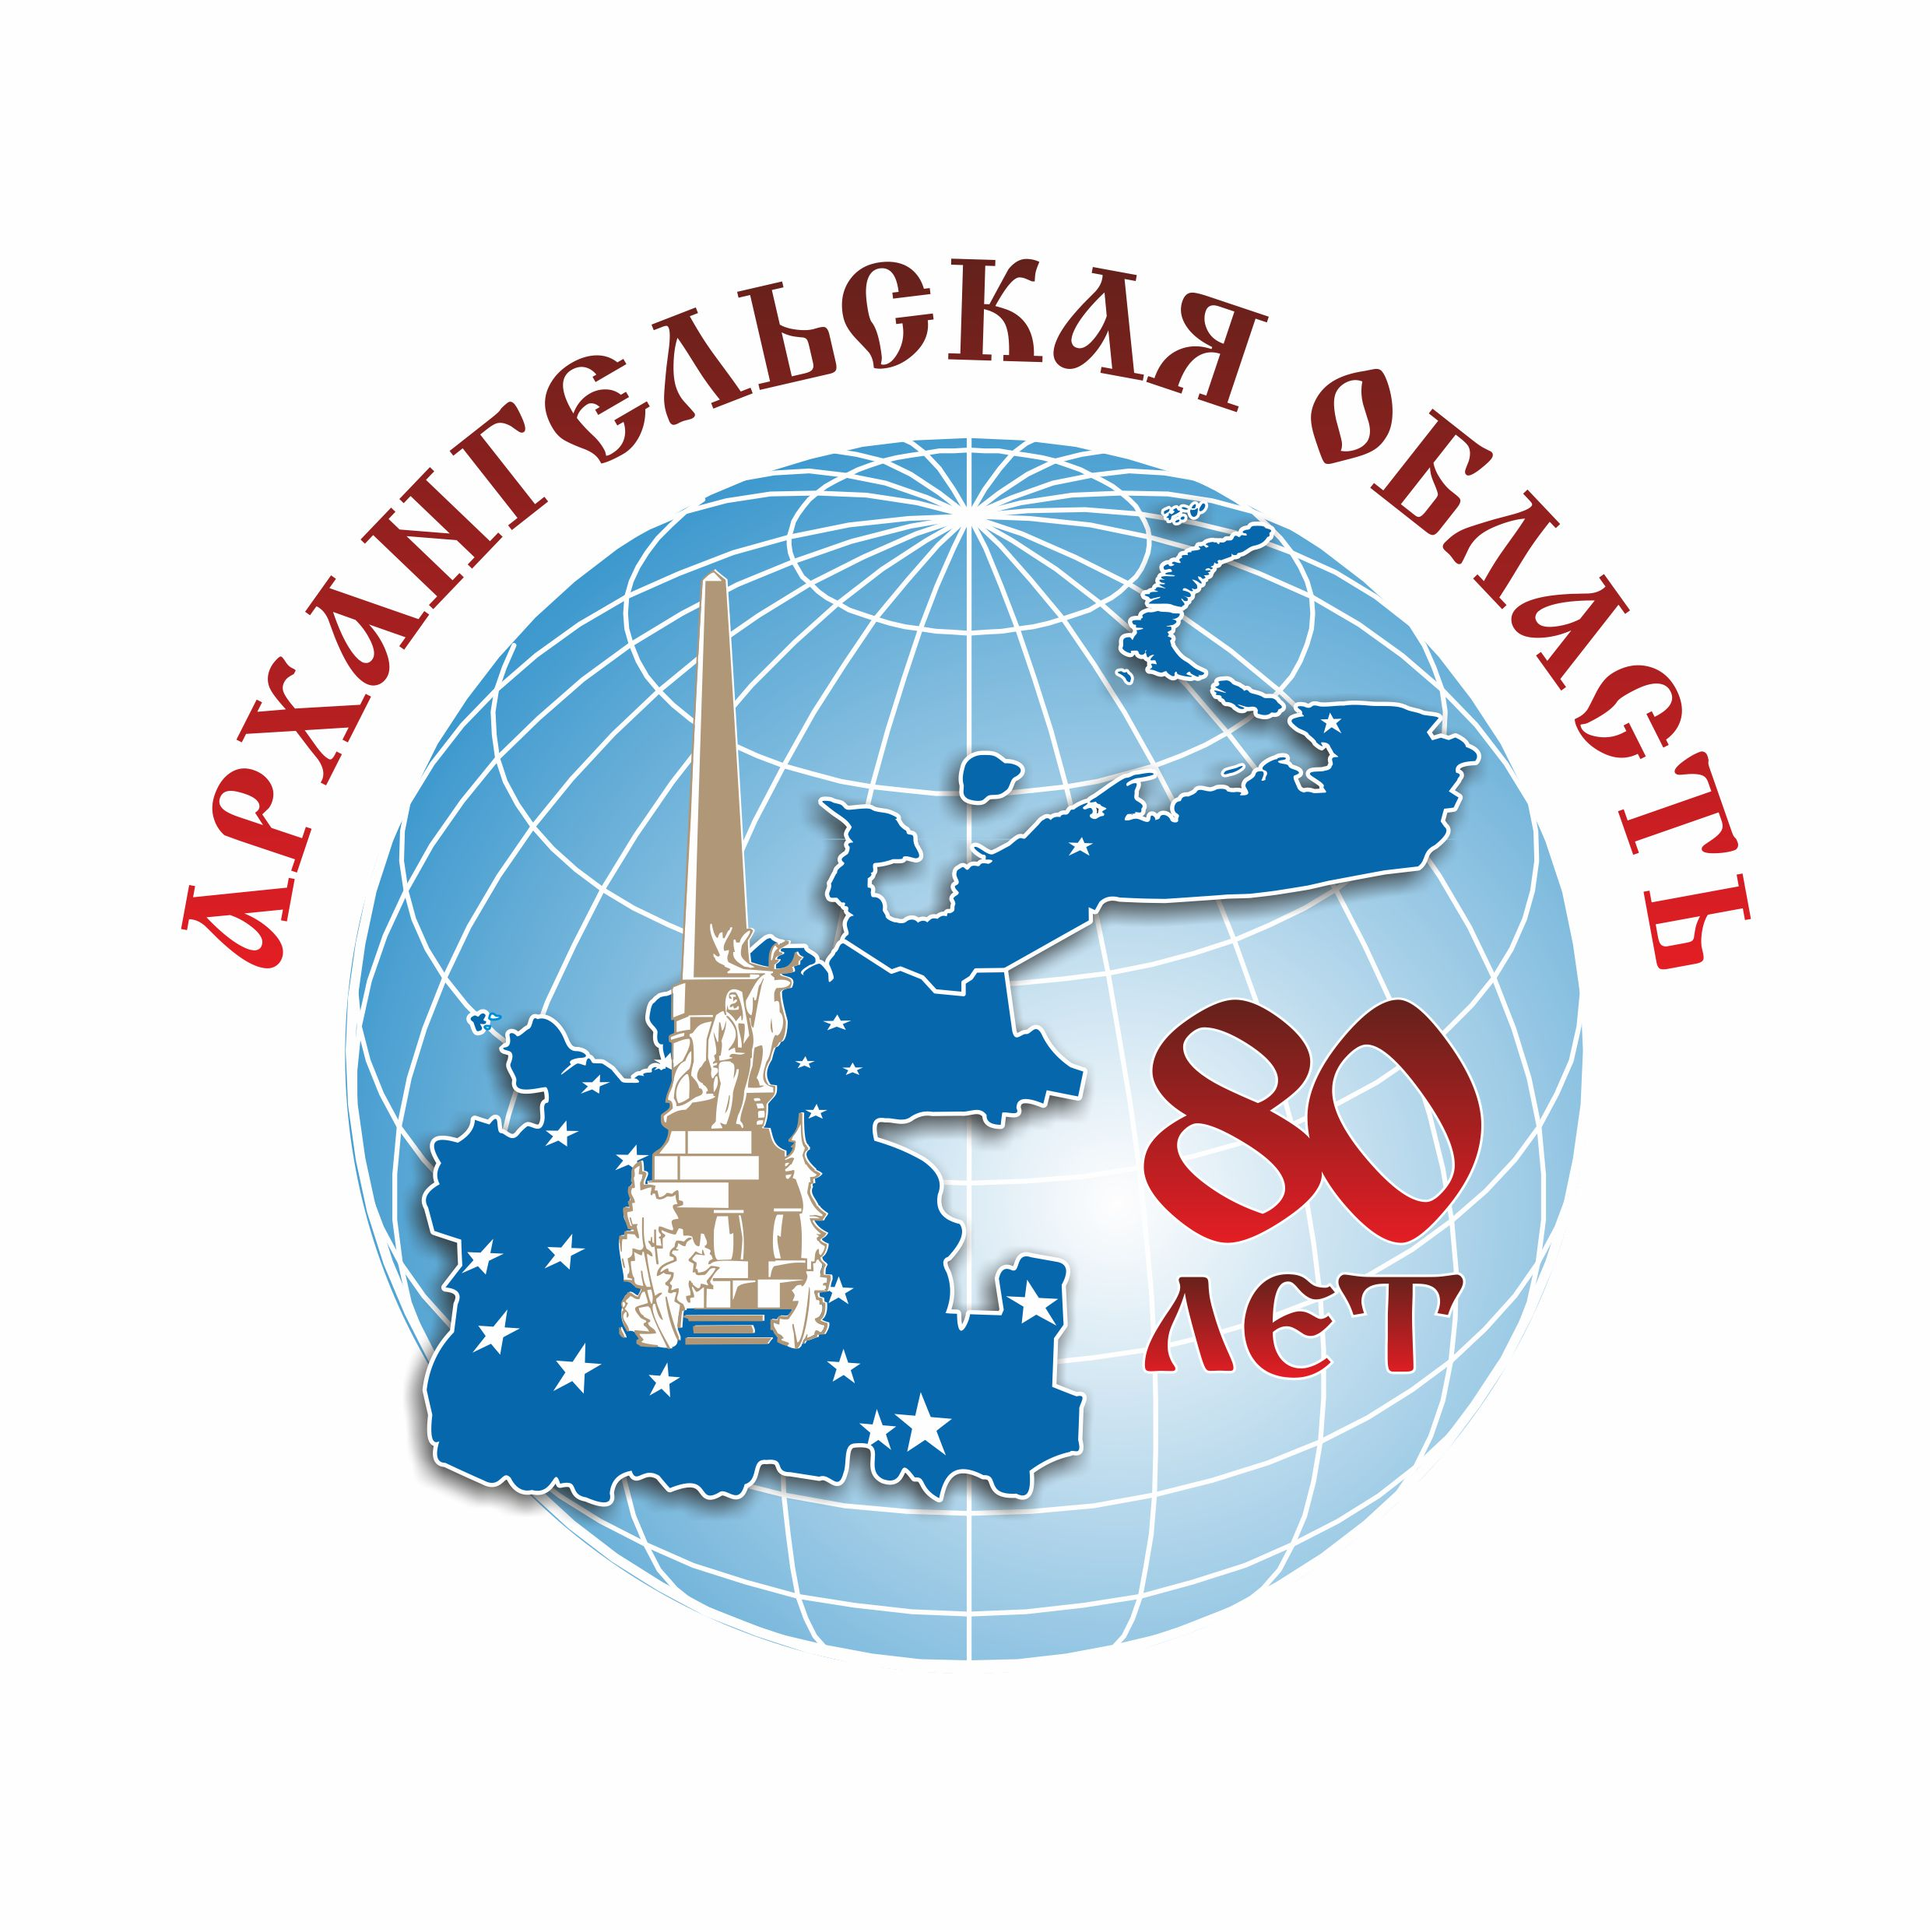 Архангельской области — 80 лет